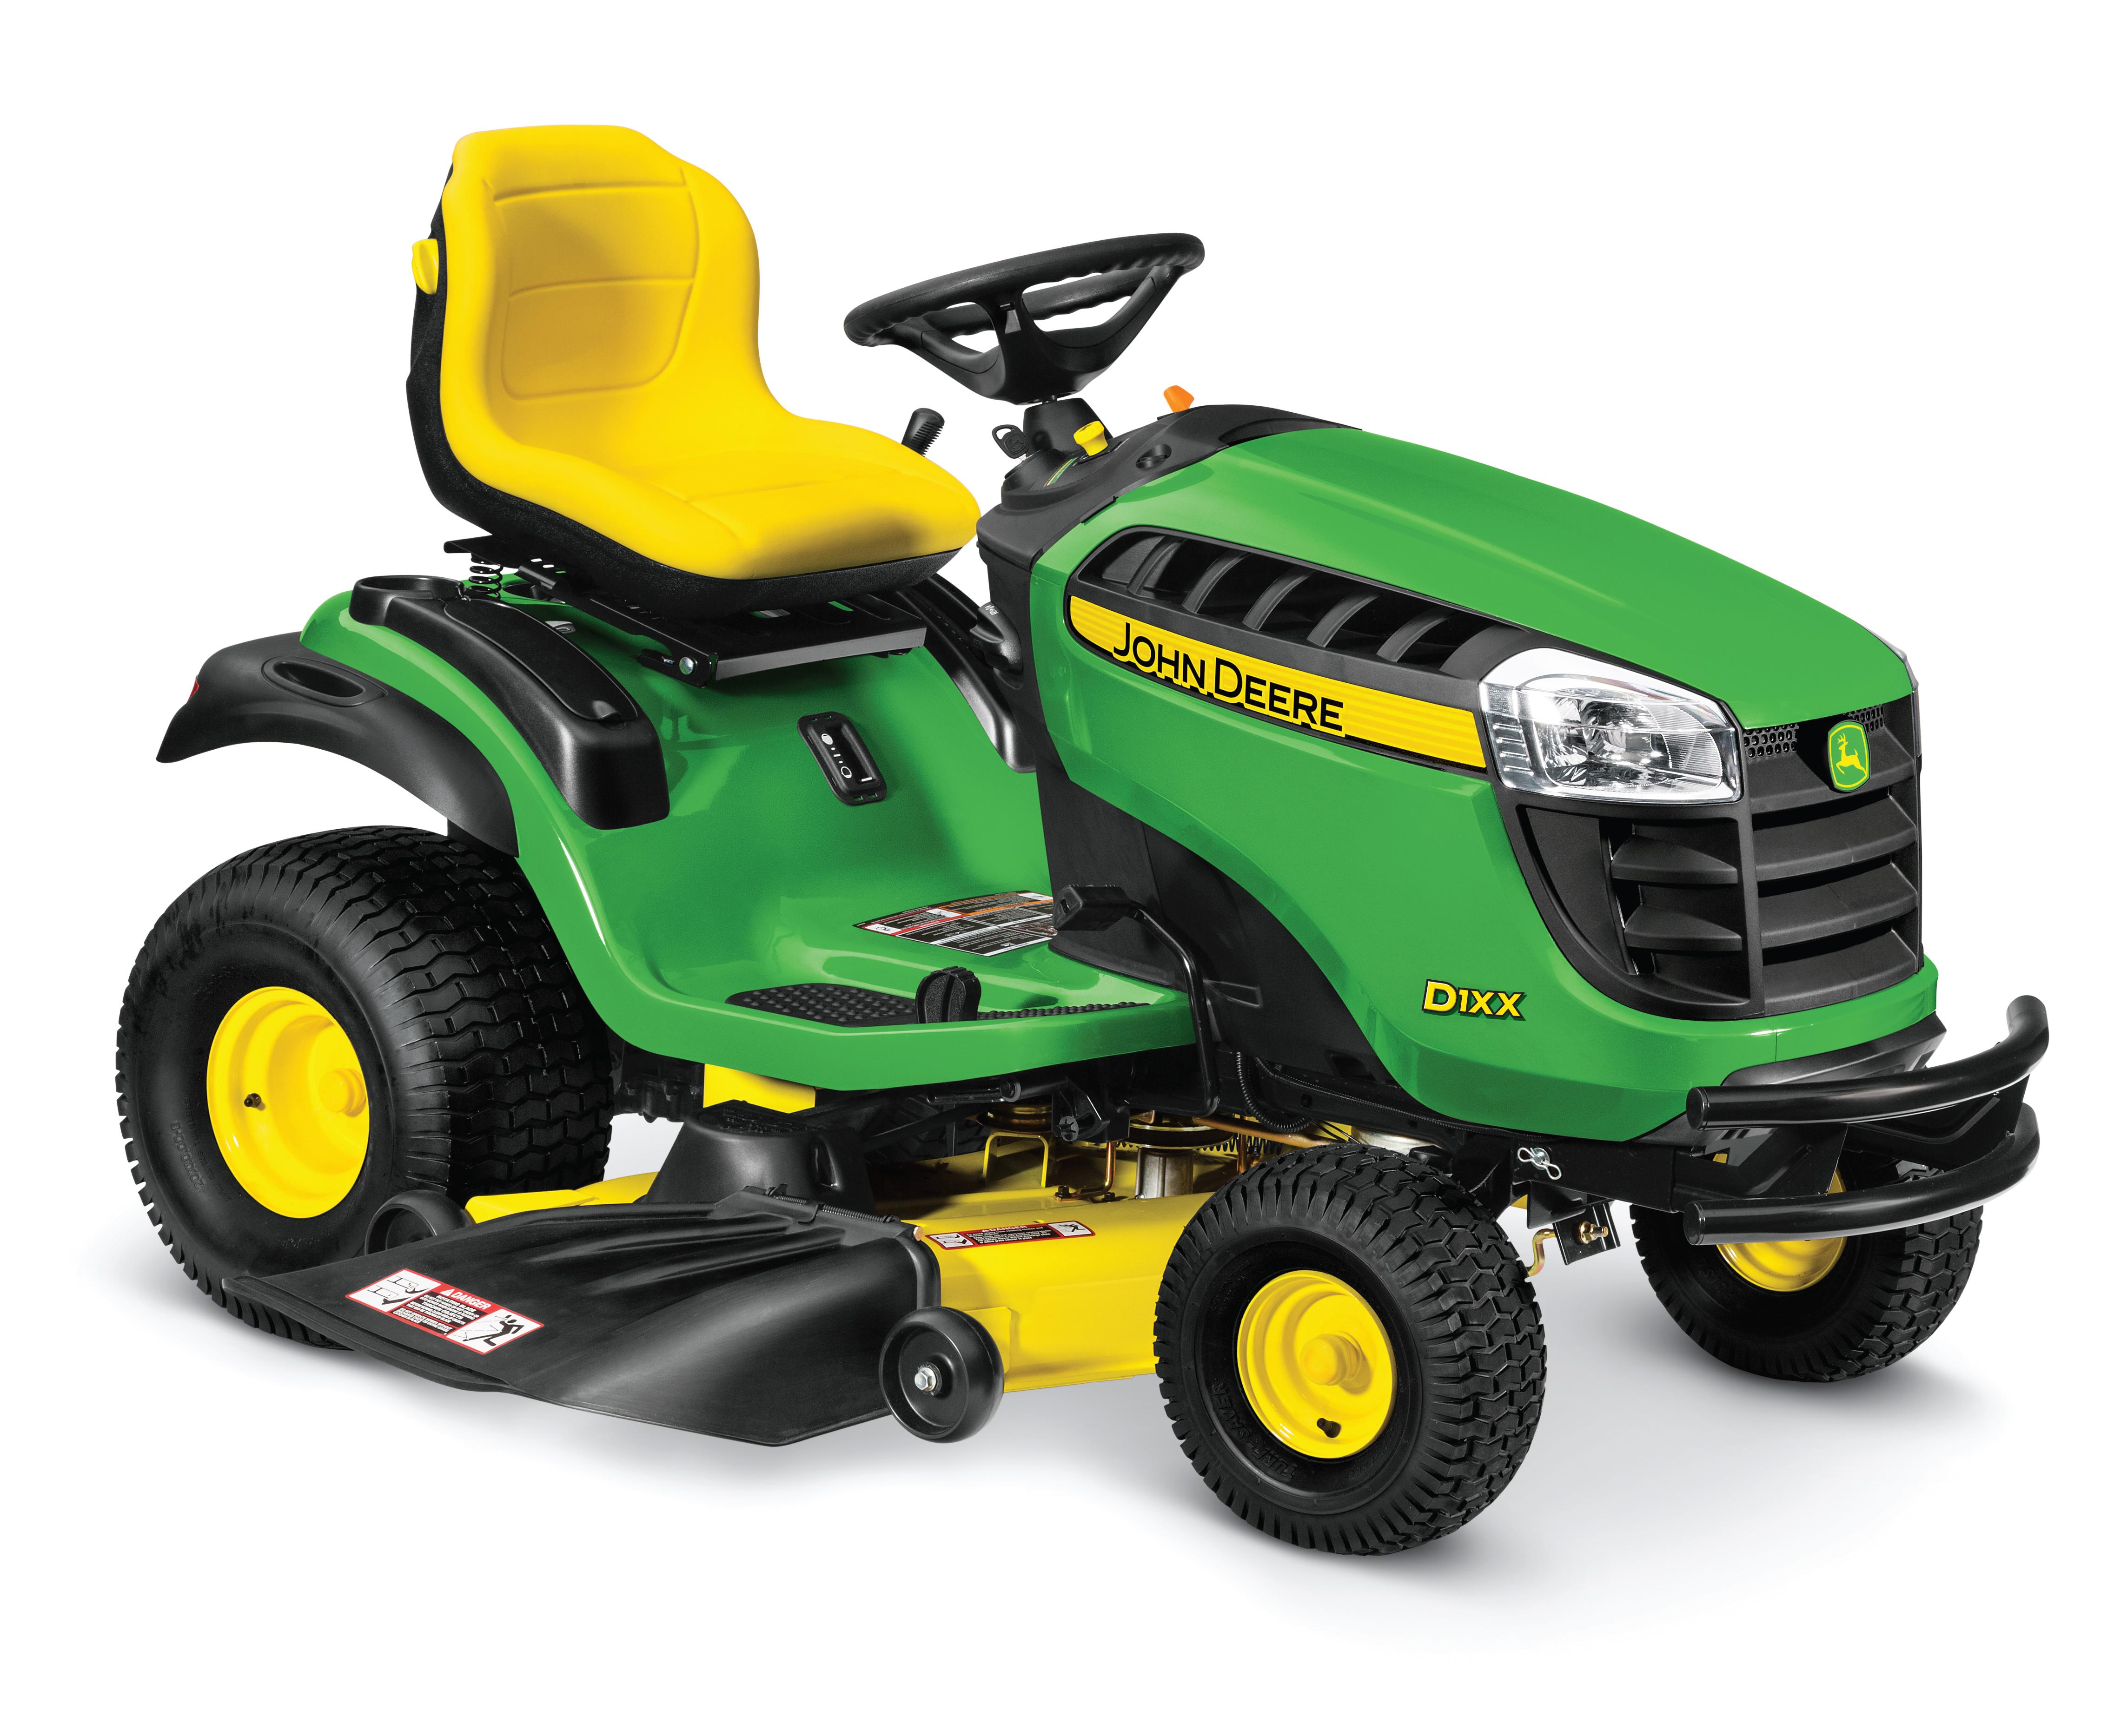 John Deere Recalls Riding Lawn Tractors | CPSC.gov